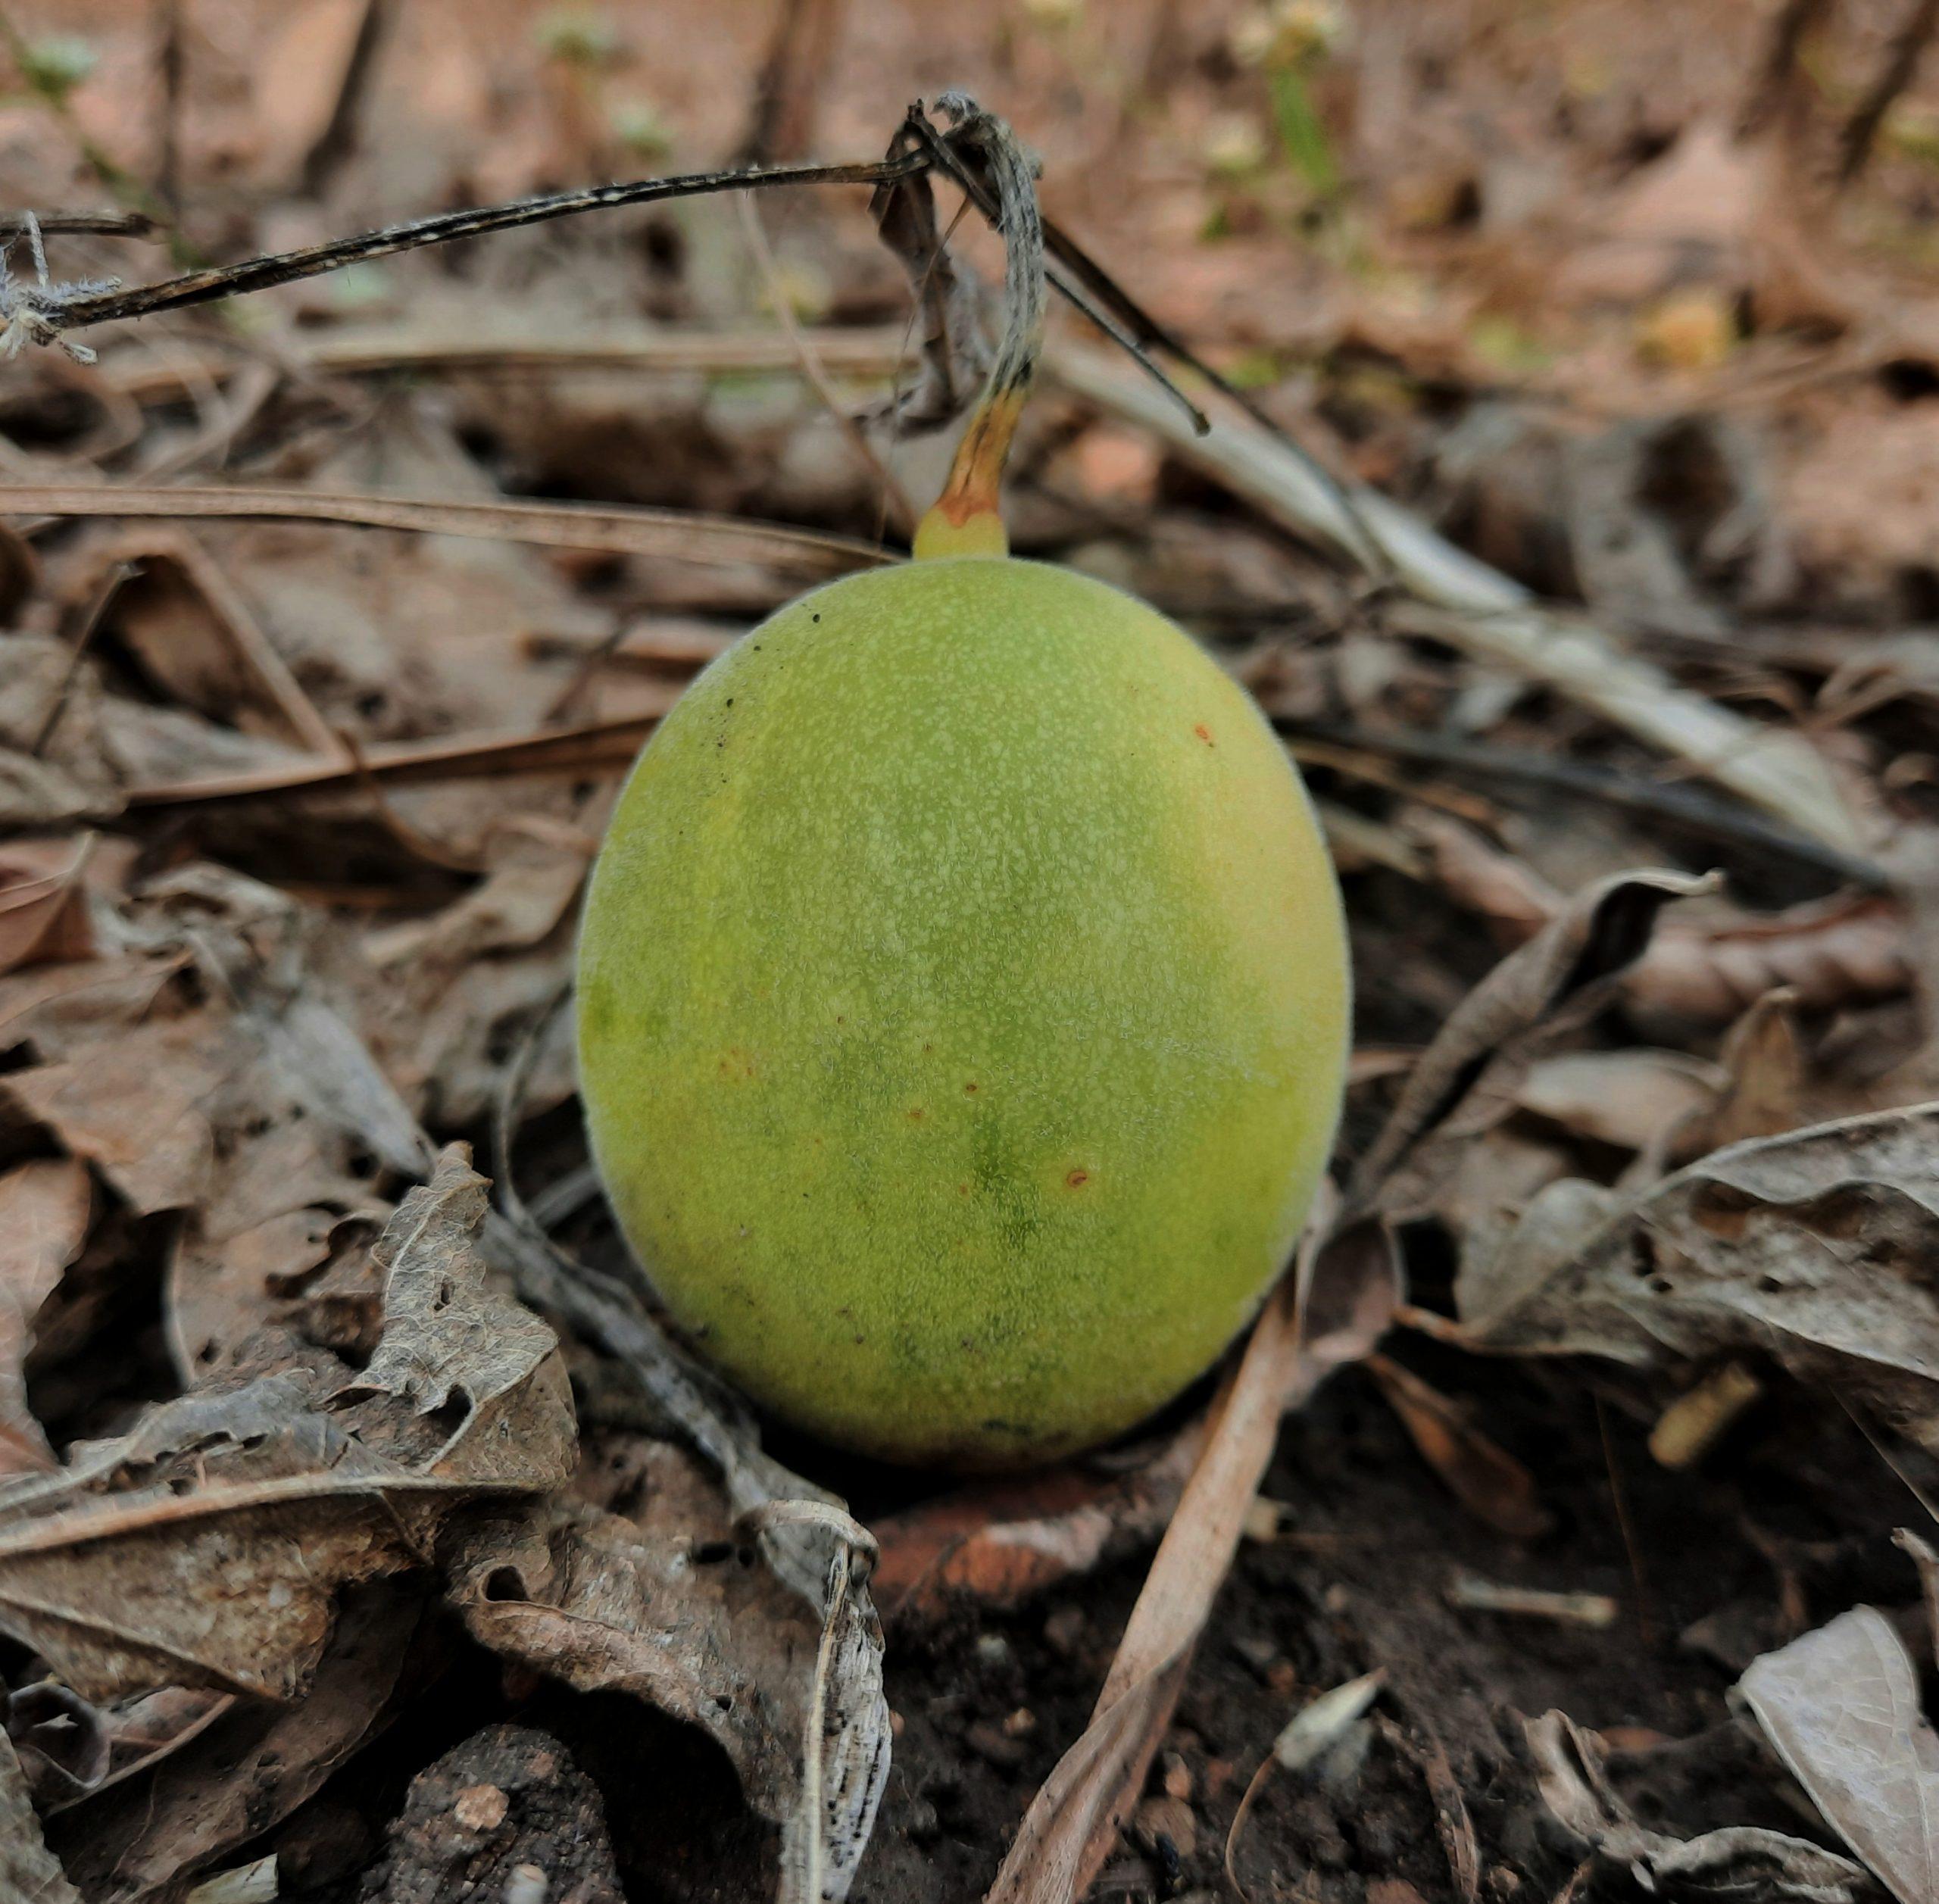 A fallen fruit